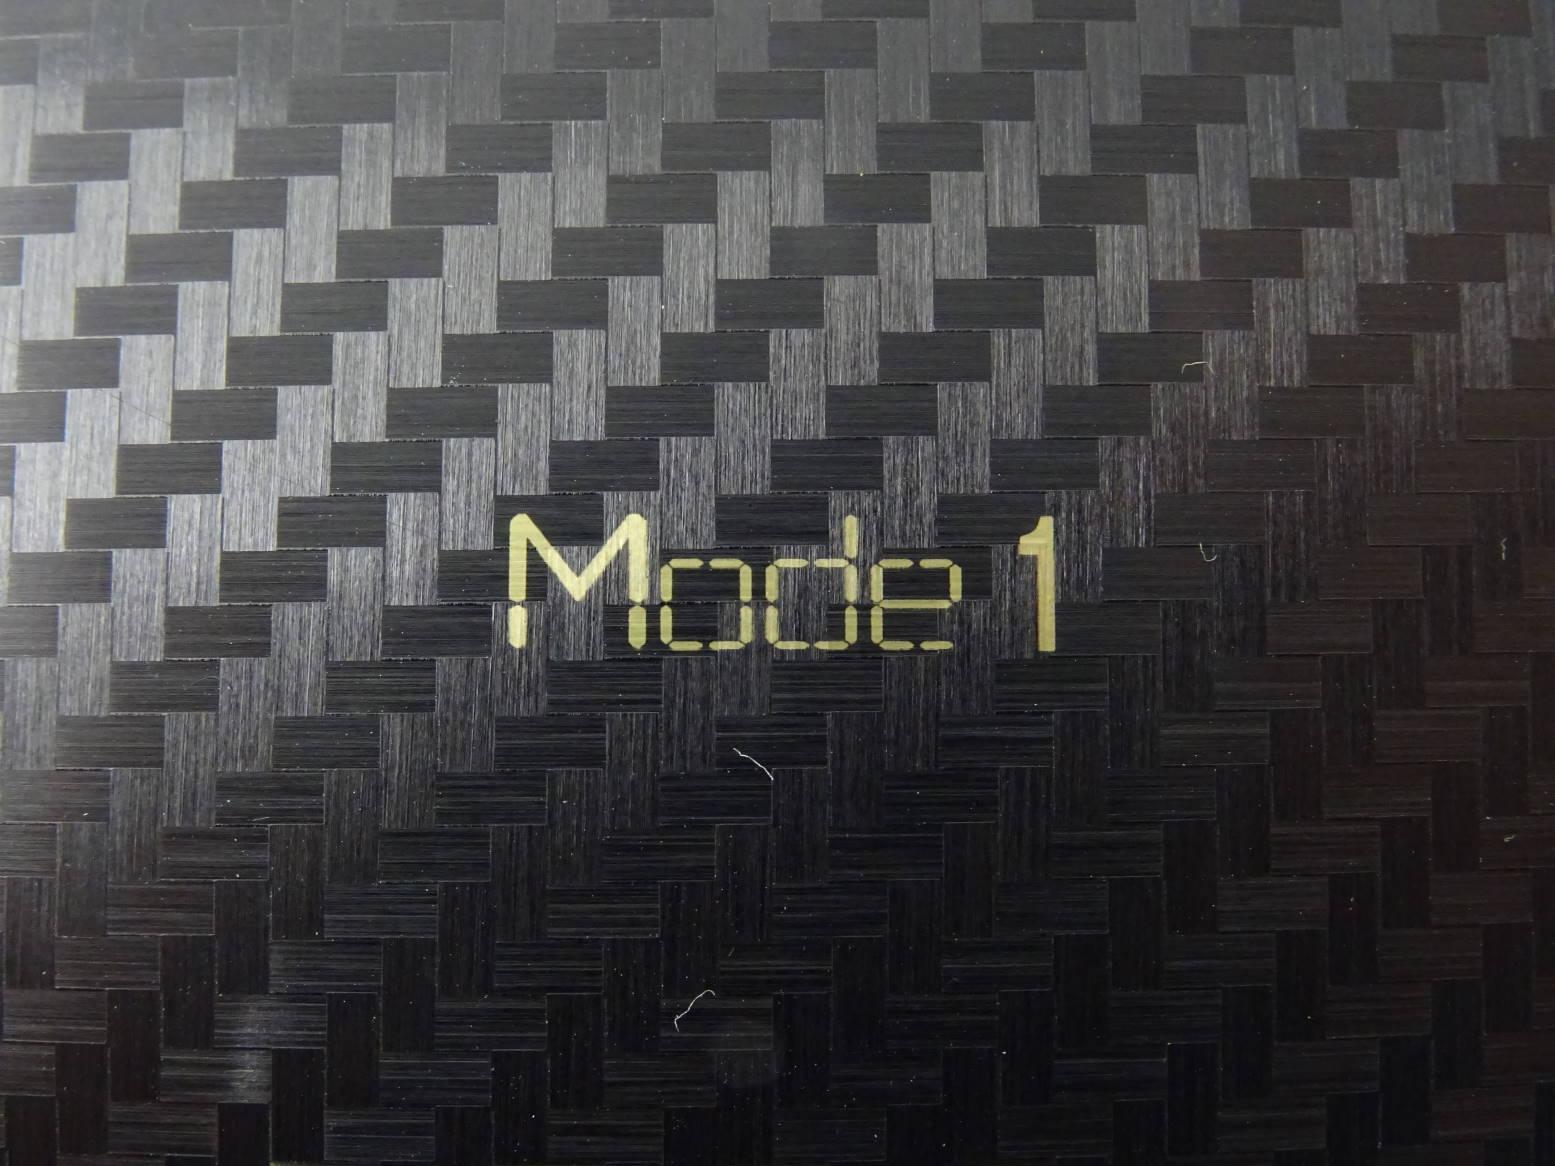 Mode1 専用保護シートは4タイプあります!(OverLay)